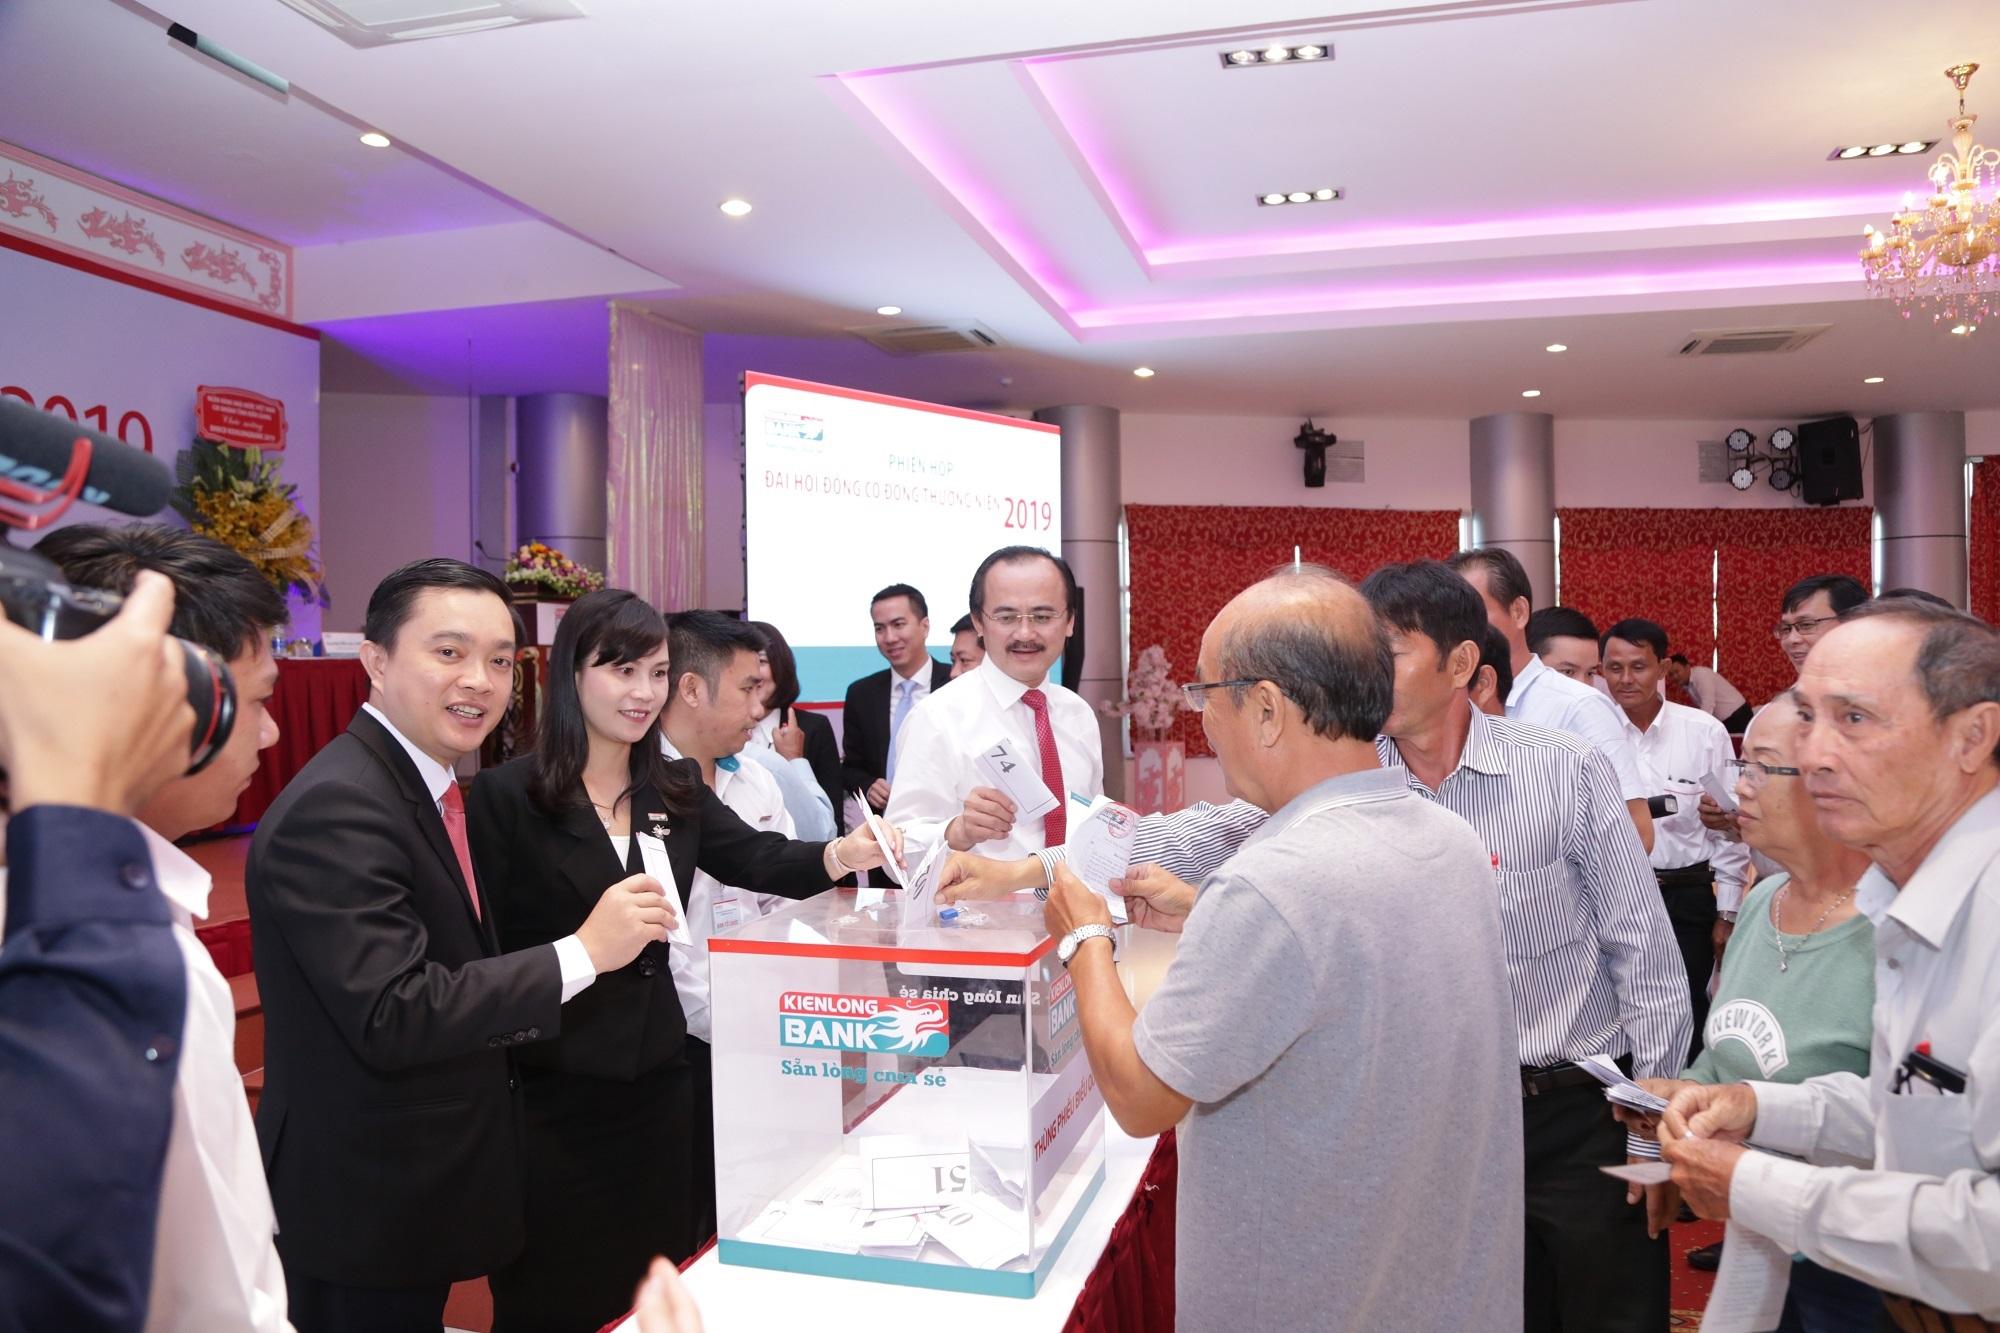 kienlongbank dat muc tieu loi nhuan 306 ty dong trong nam 2019